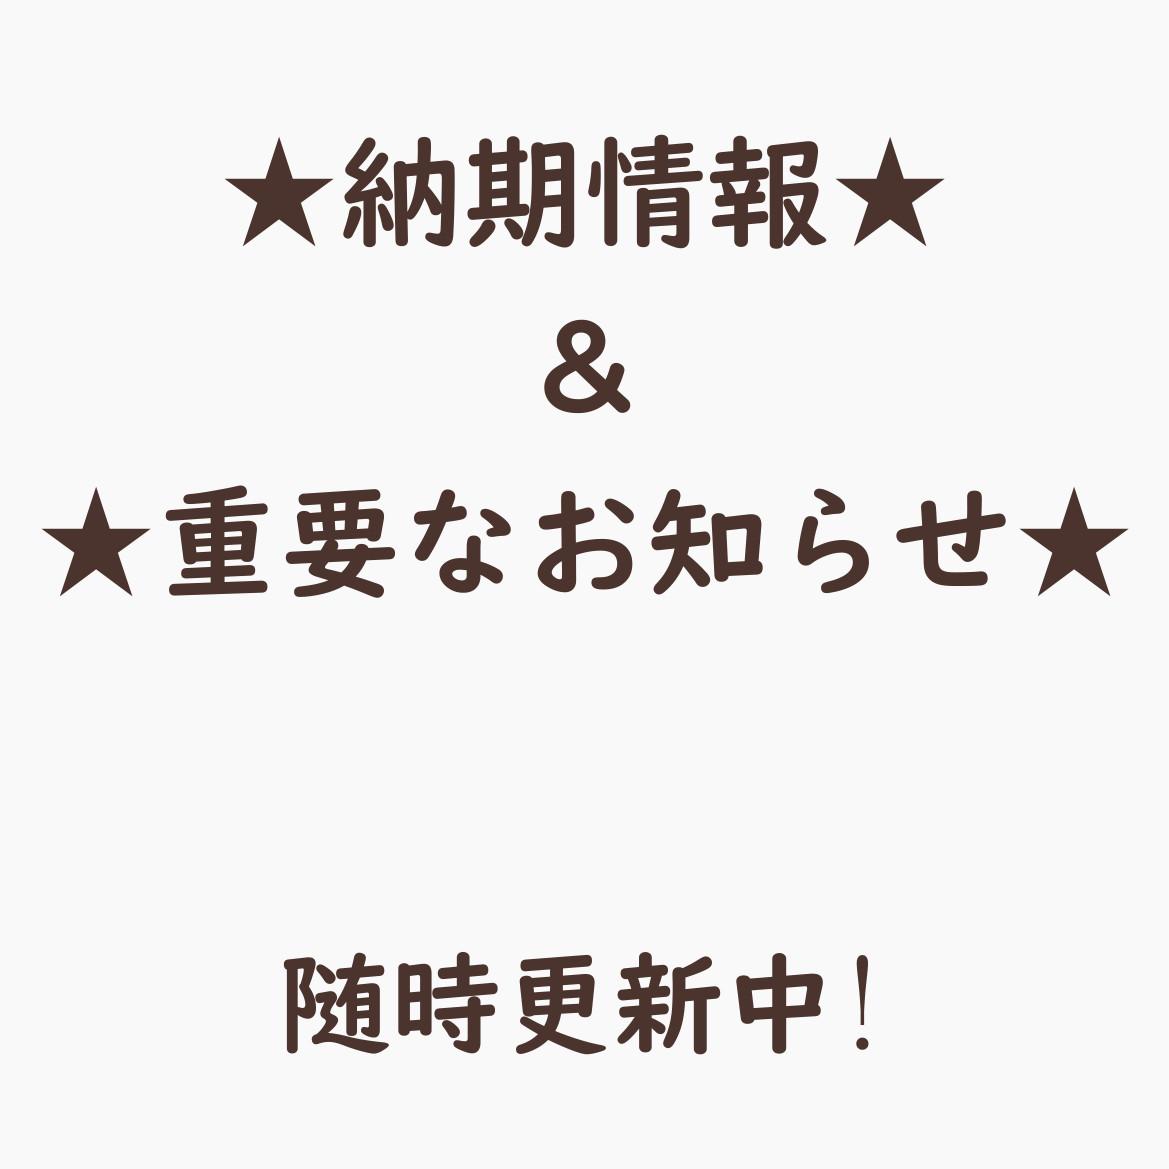 納期情報 & 重要なお知らせ (2021.9.20更新)